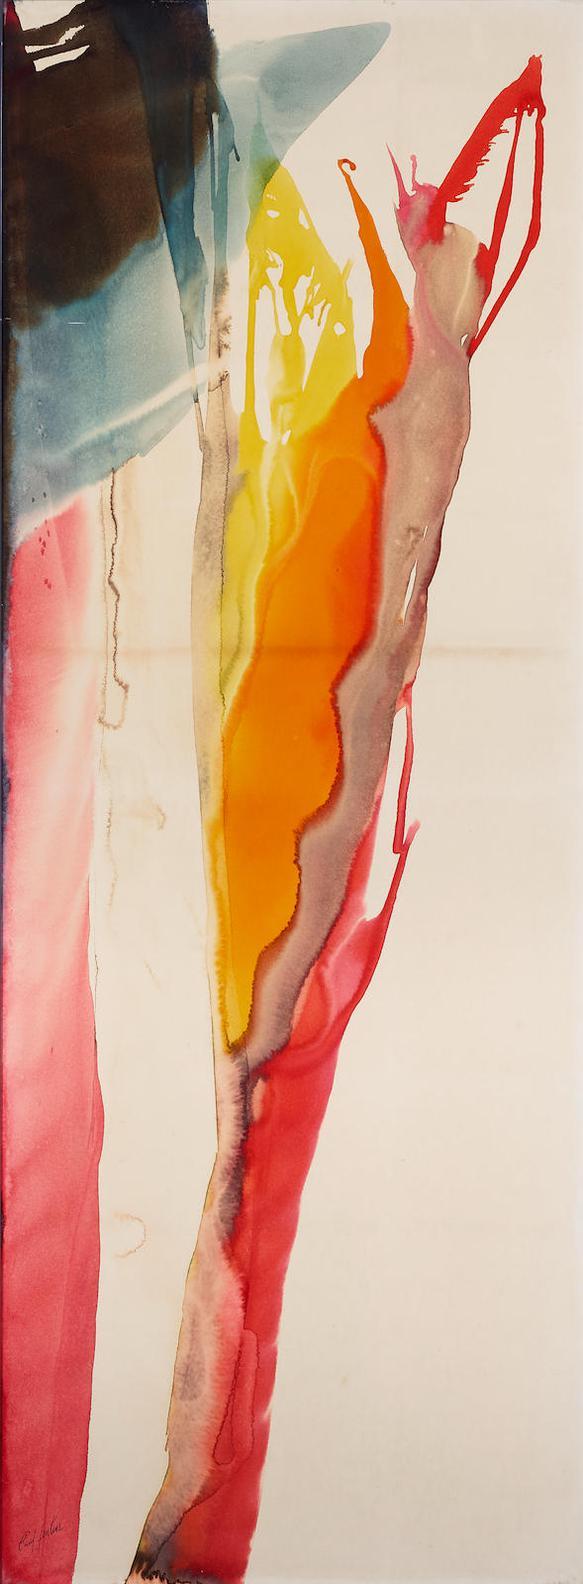 Paul Jenkins-Phenomena Cardinal Footsteps-1972